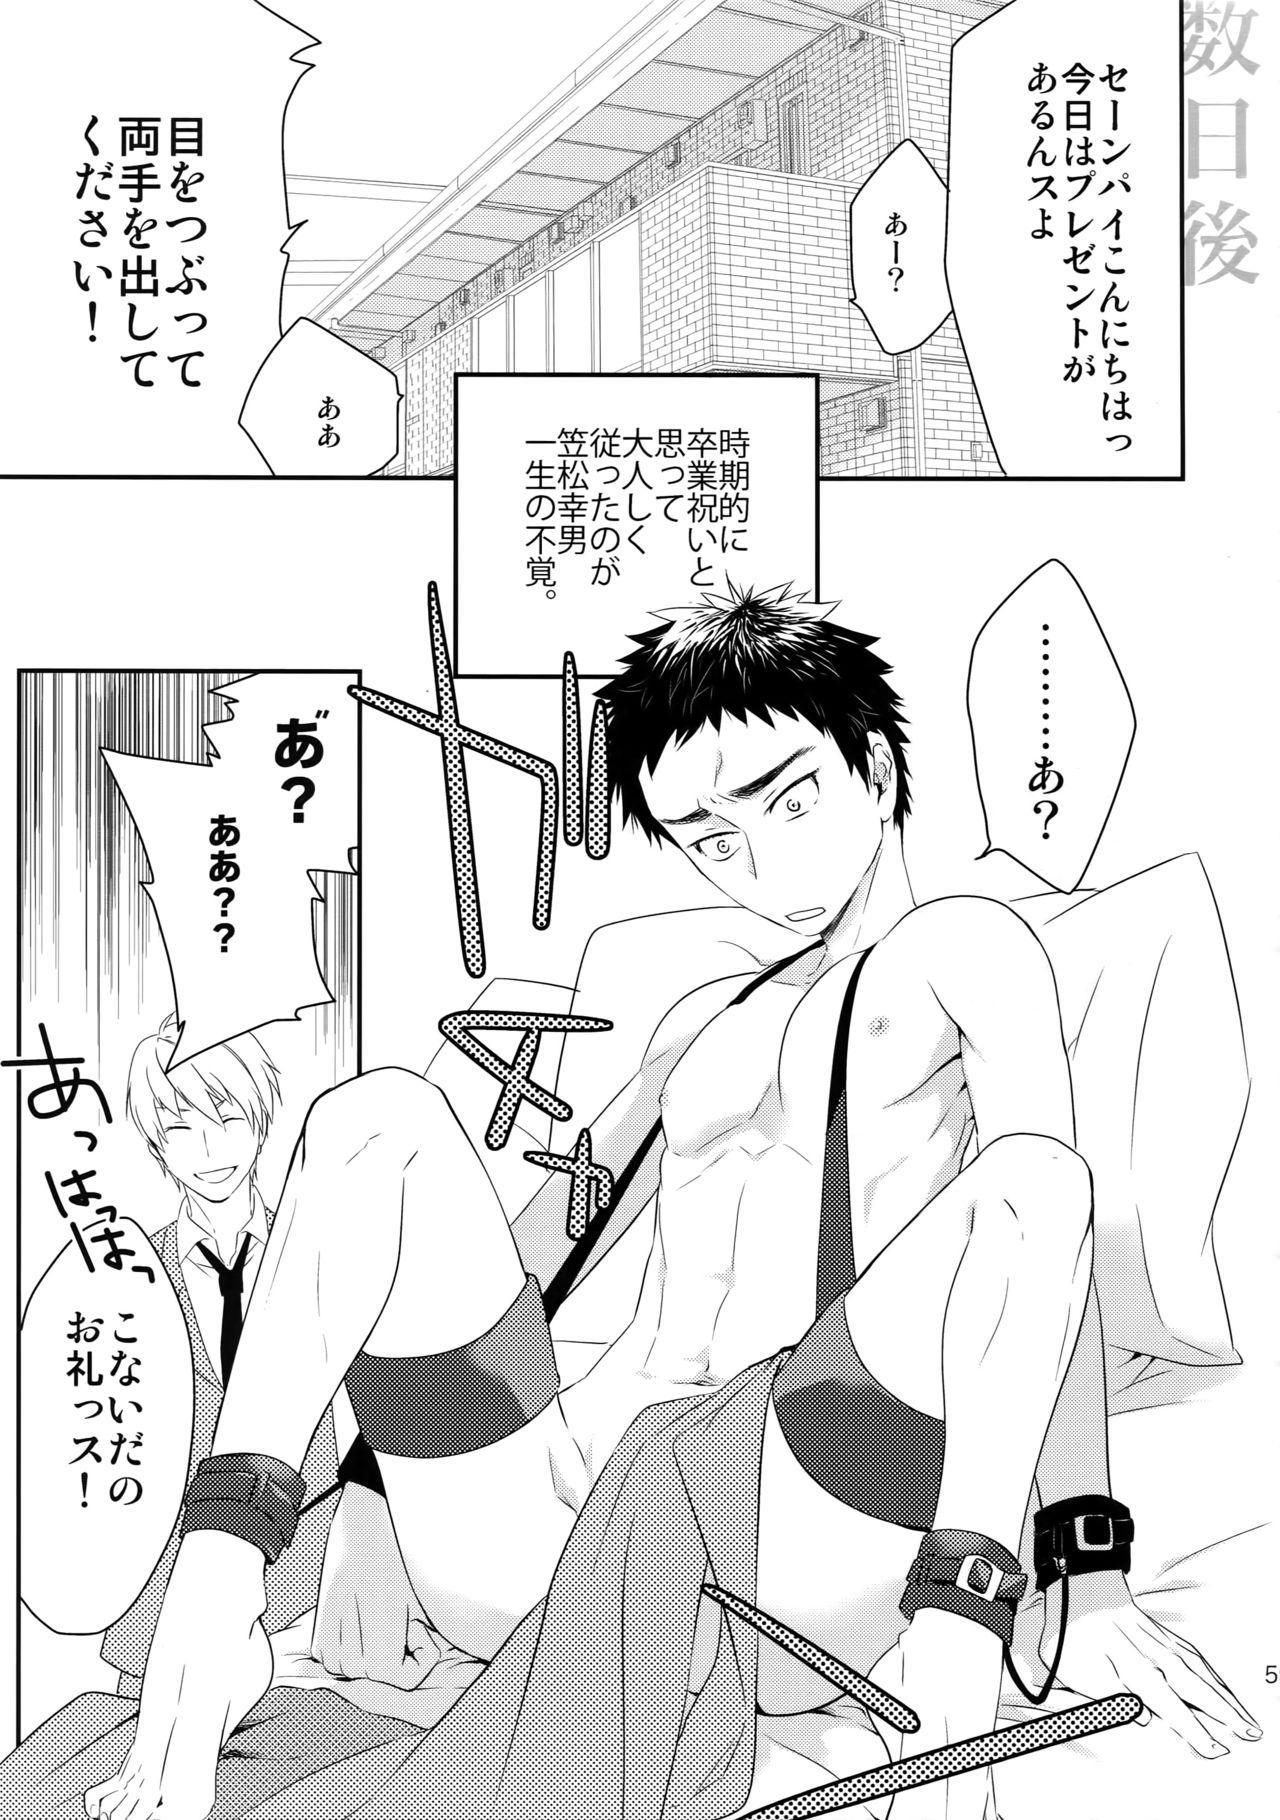 Kanpeki Kareshi to Zettai Ryouiki Ouji-sama 57